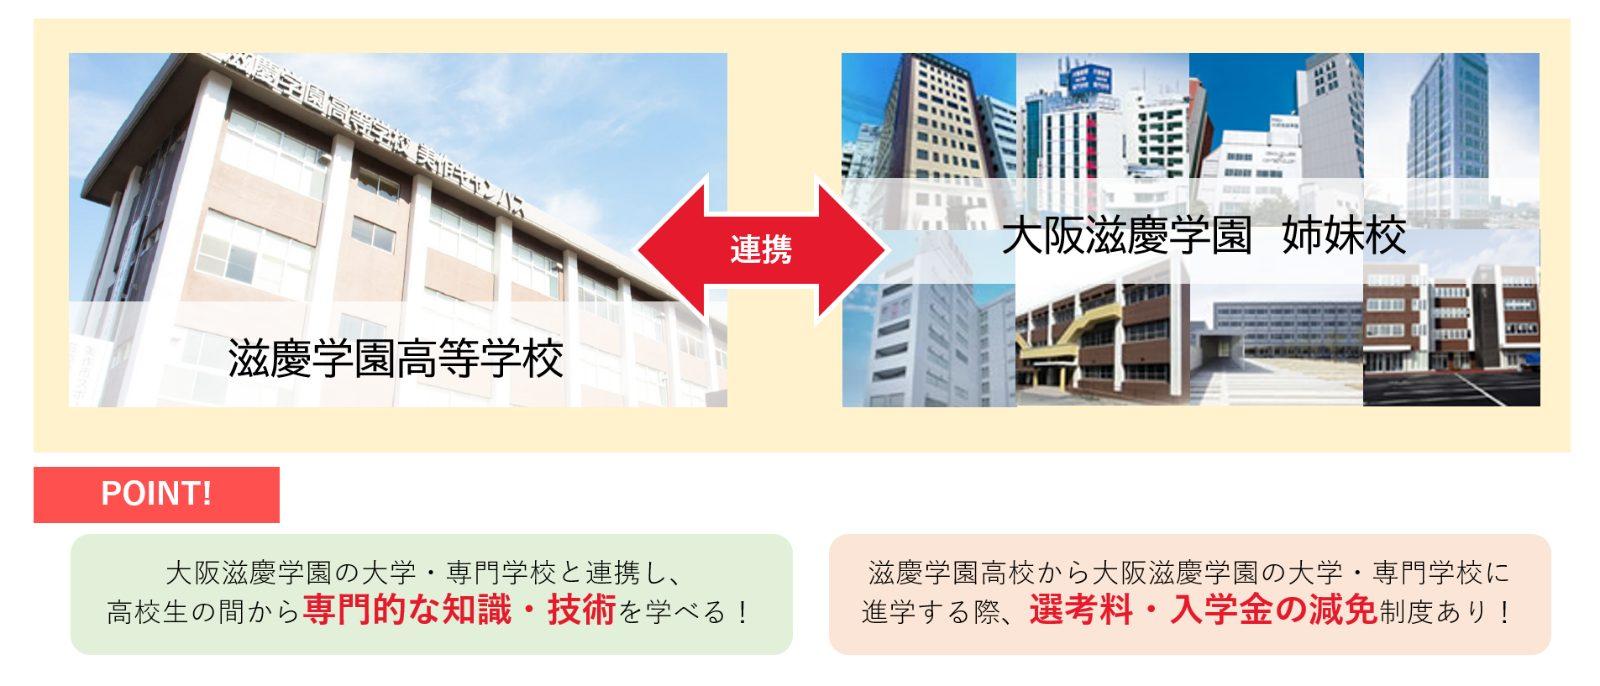 大阪滋慶学園の連携